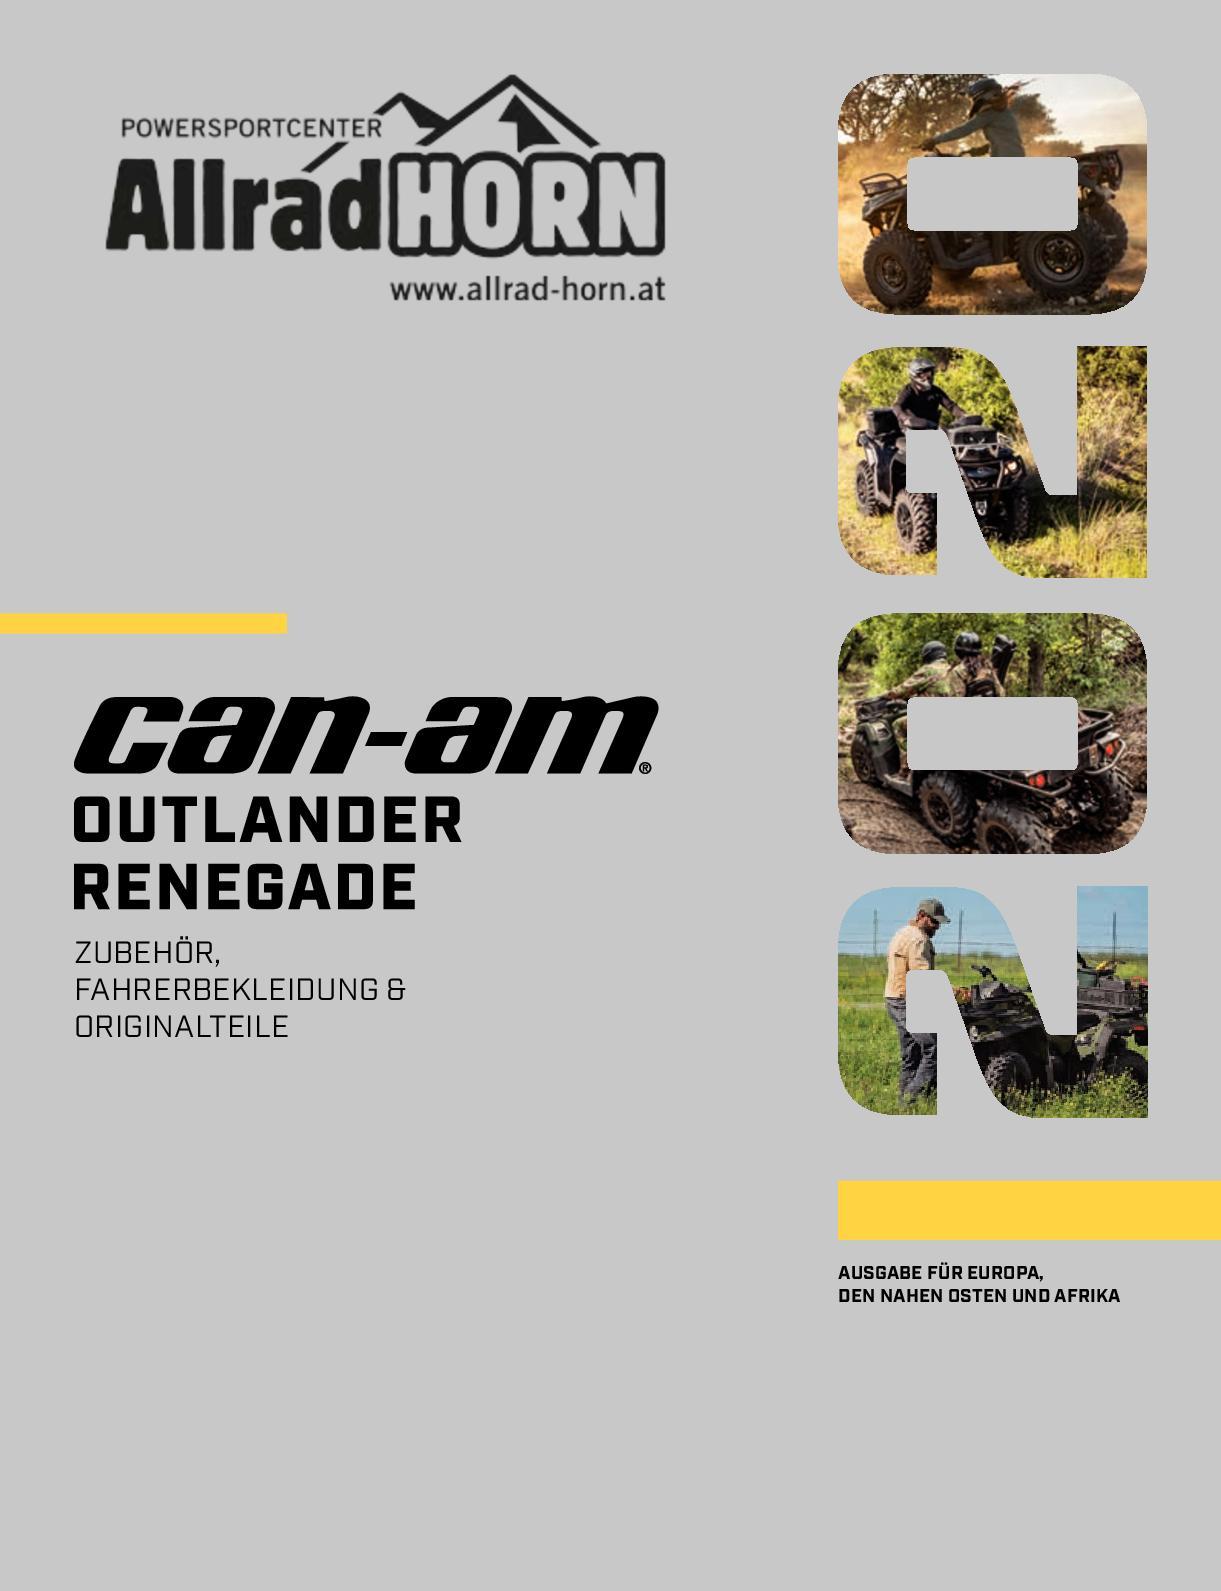 Can Am Renegade 1000 Duro Power Grip Radial Reifen hinten 25x10-12 2 Stück